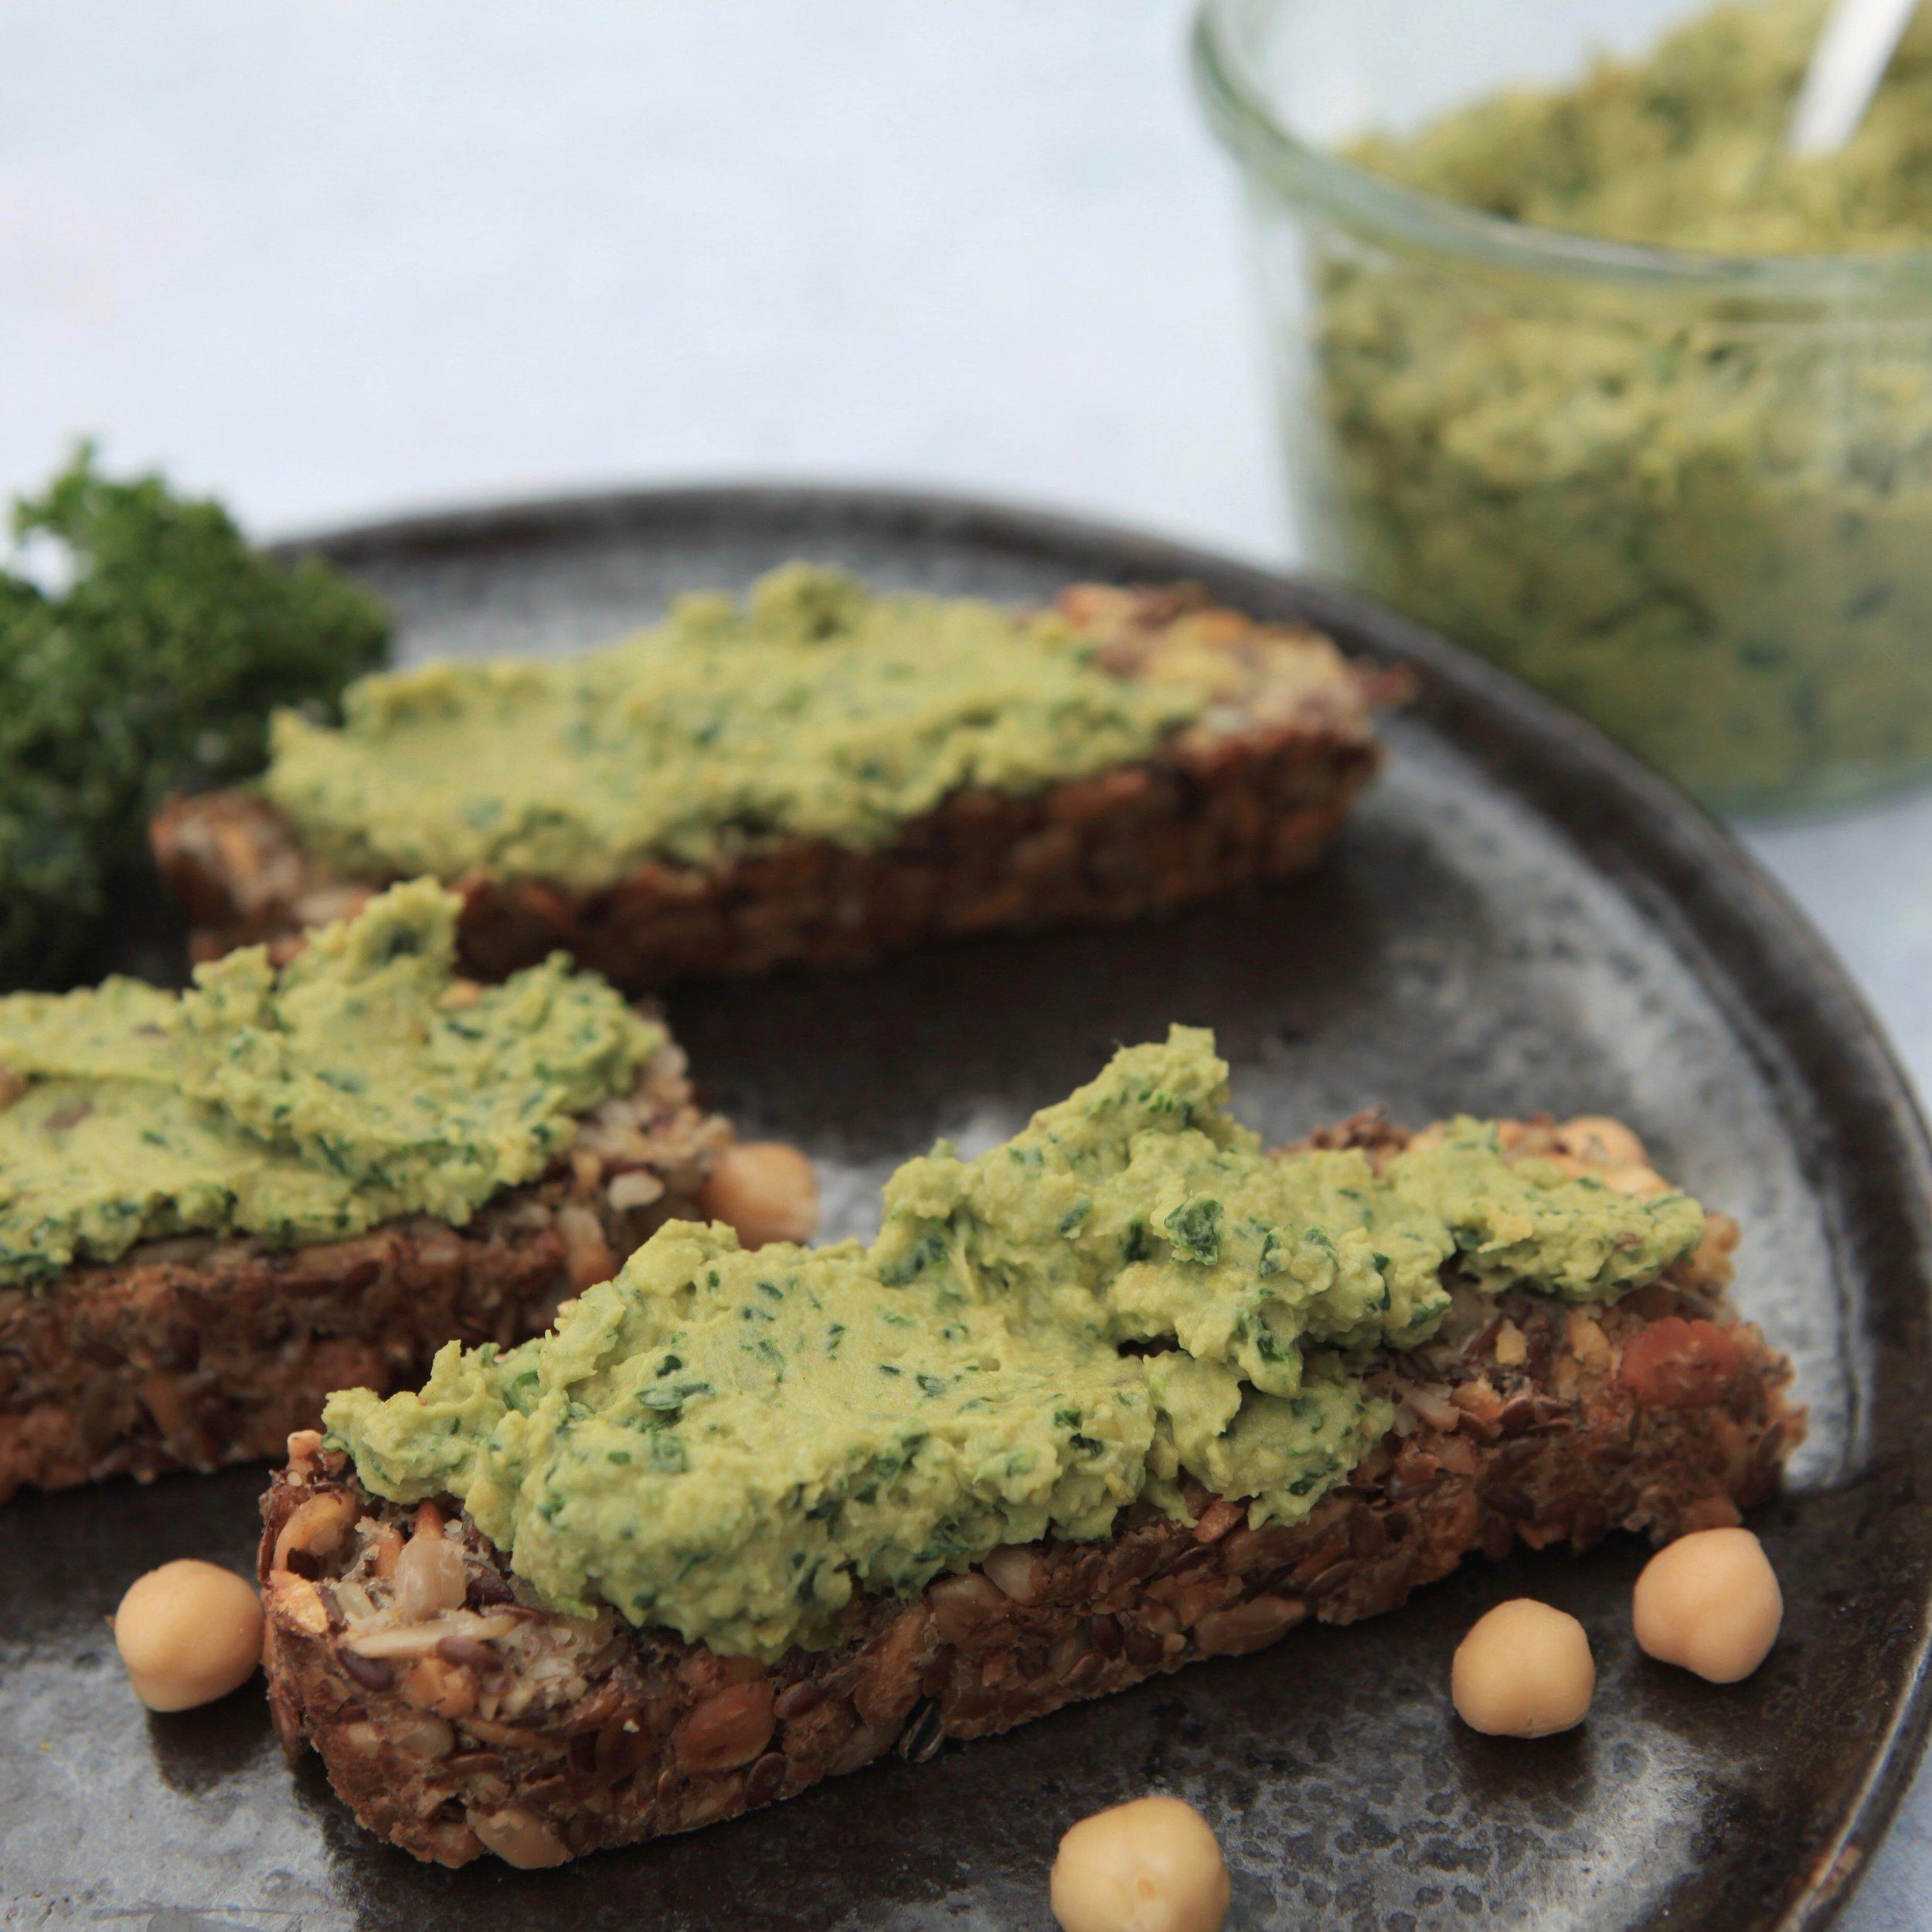 Vegan Kale Hummus